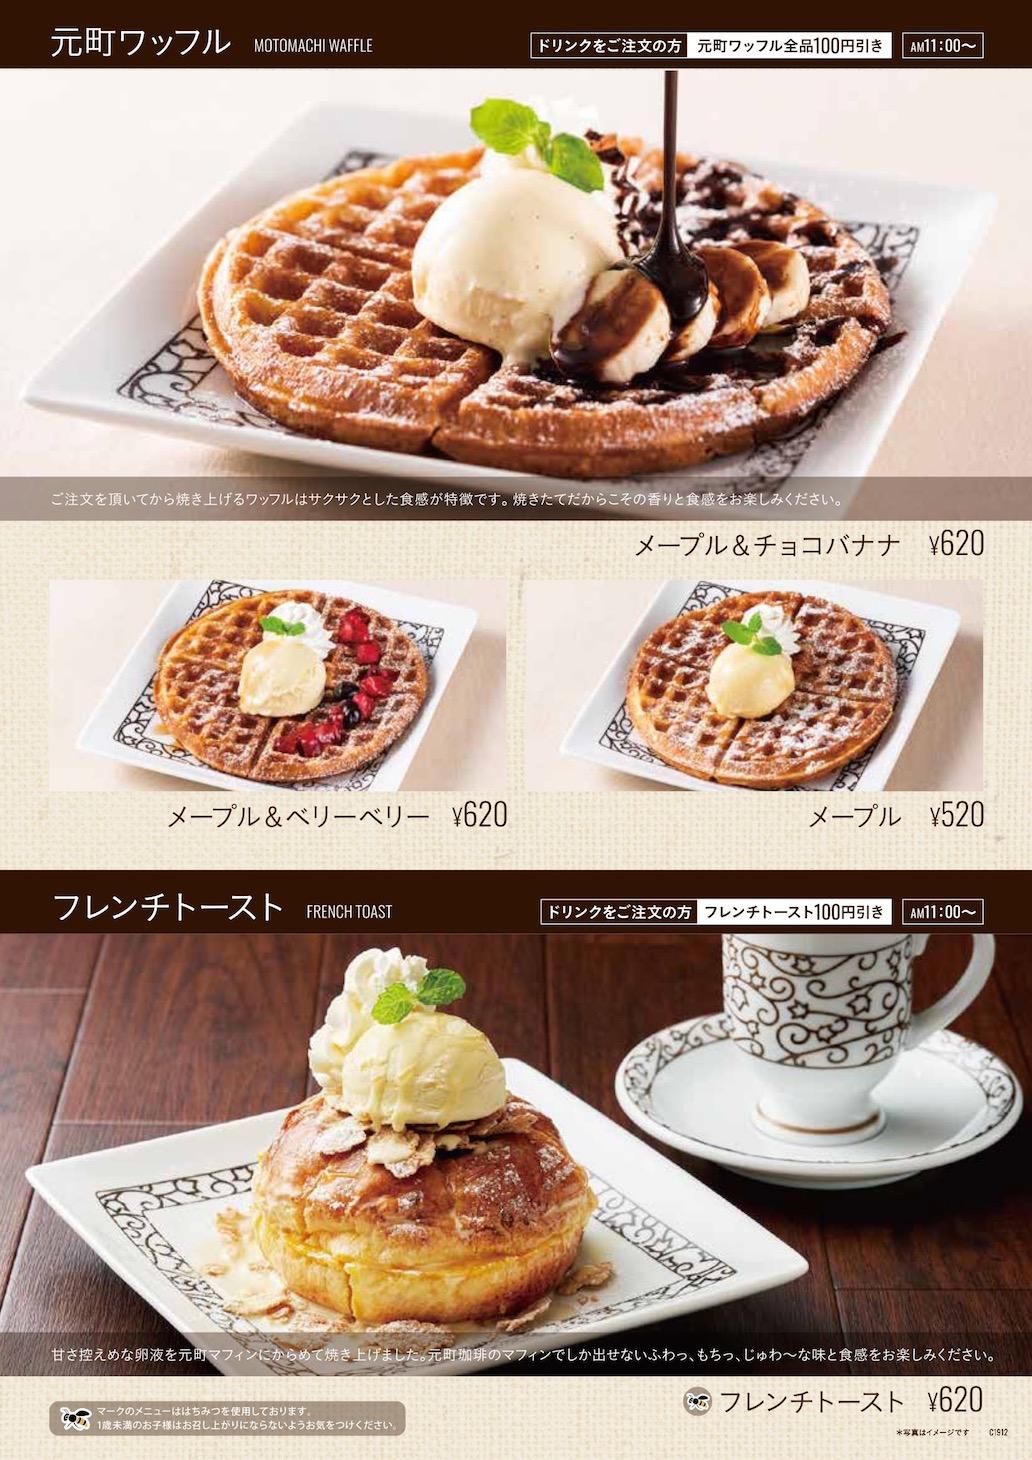 元町ワッフル&フレンチトーストイメージ